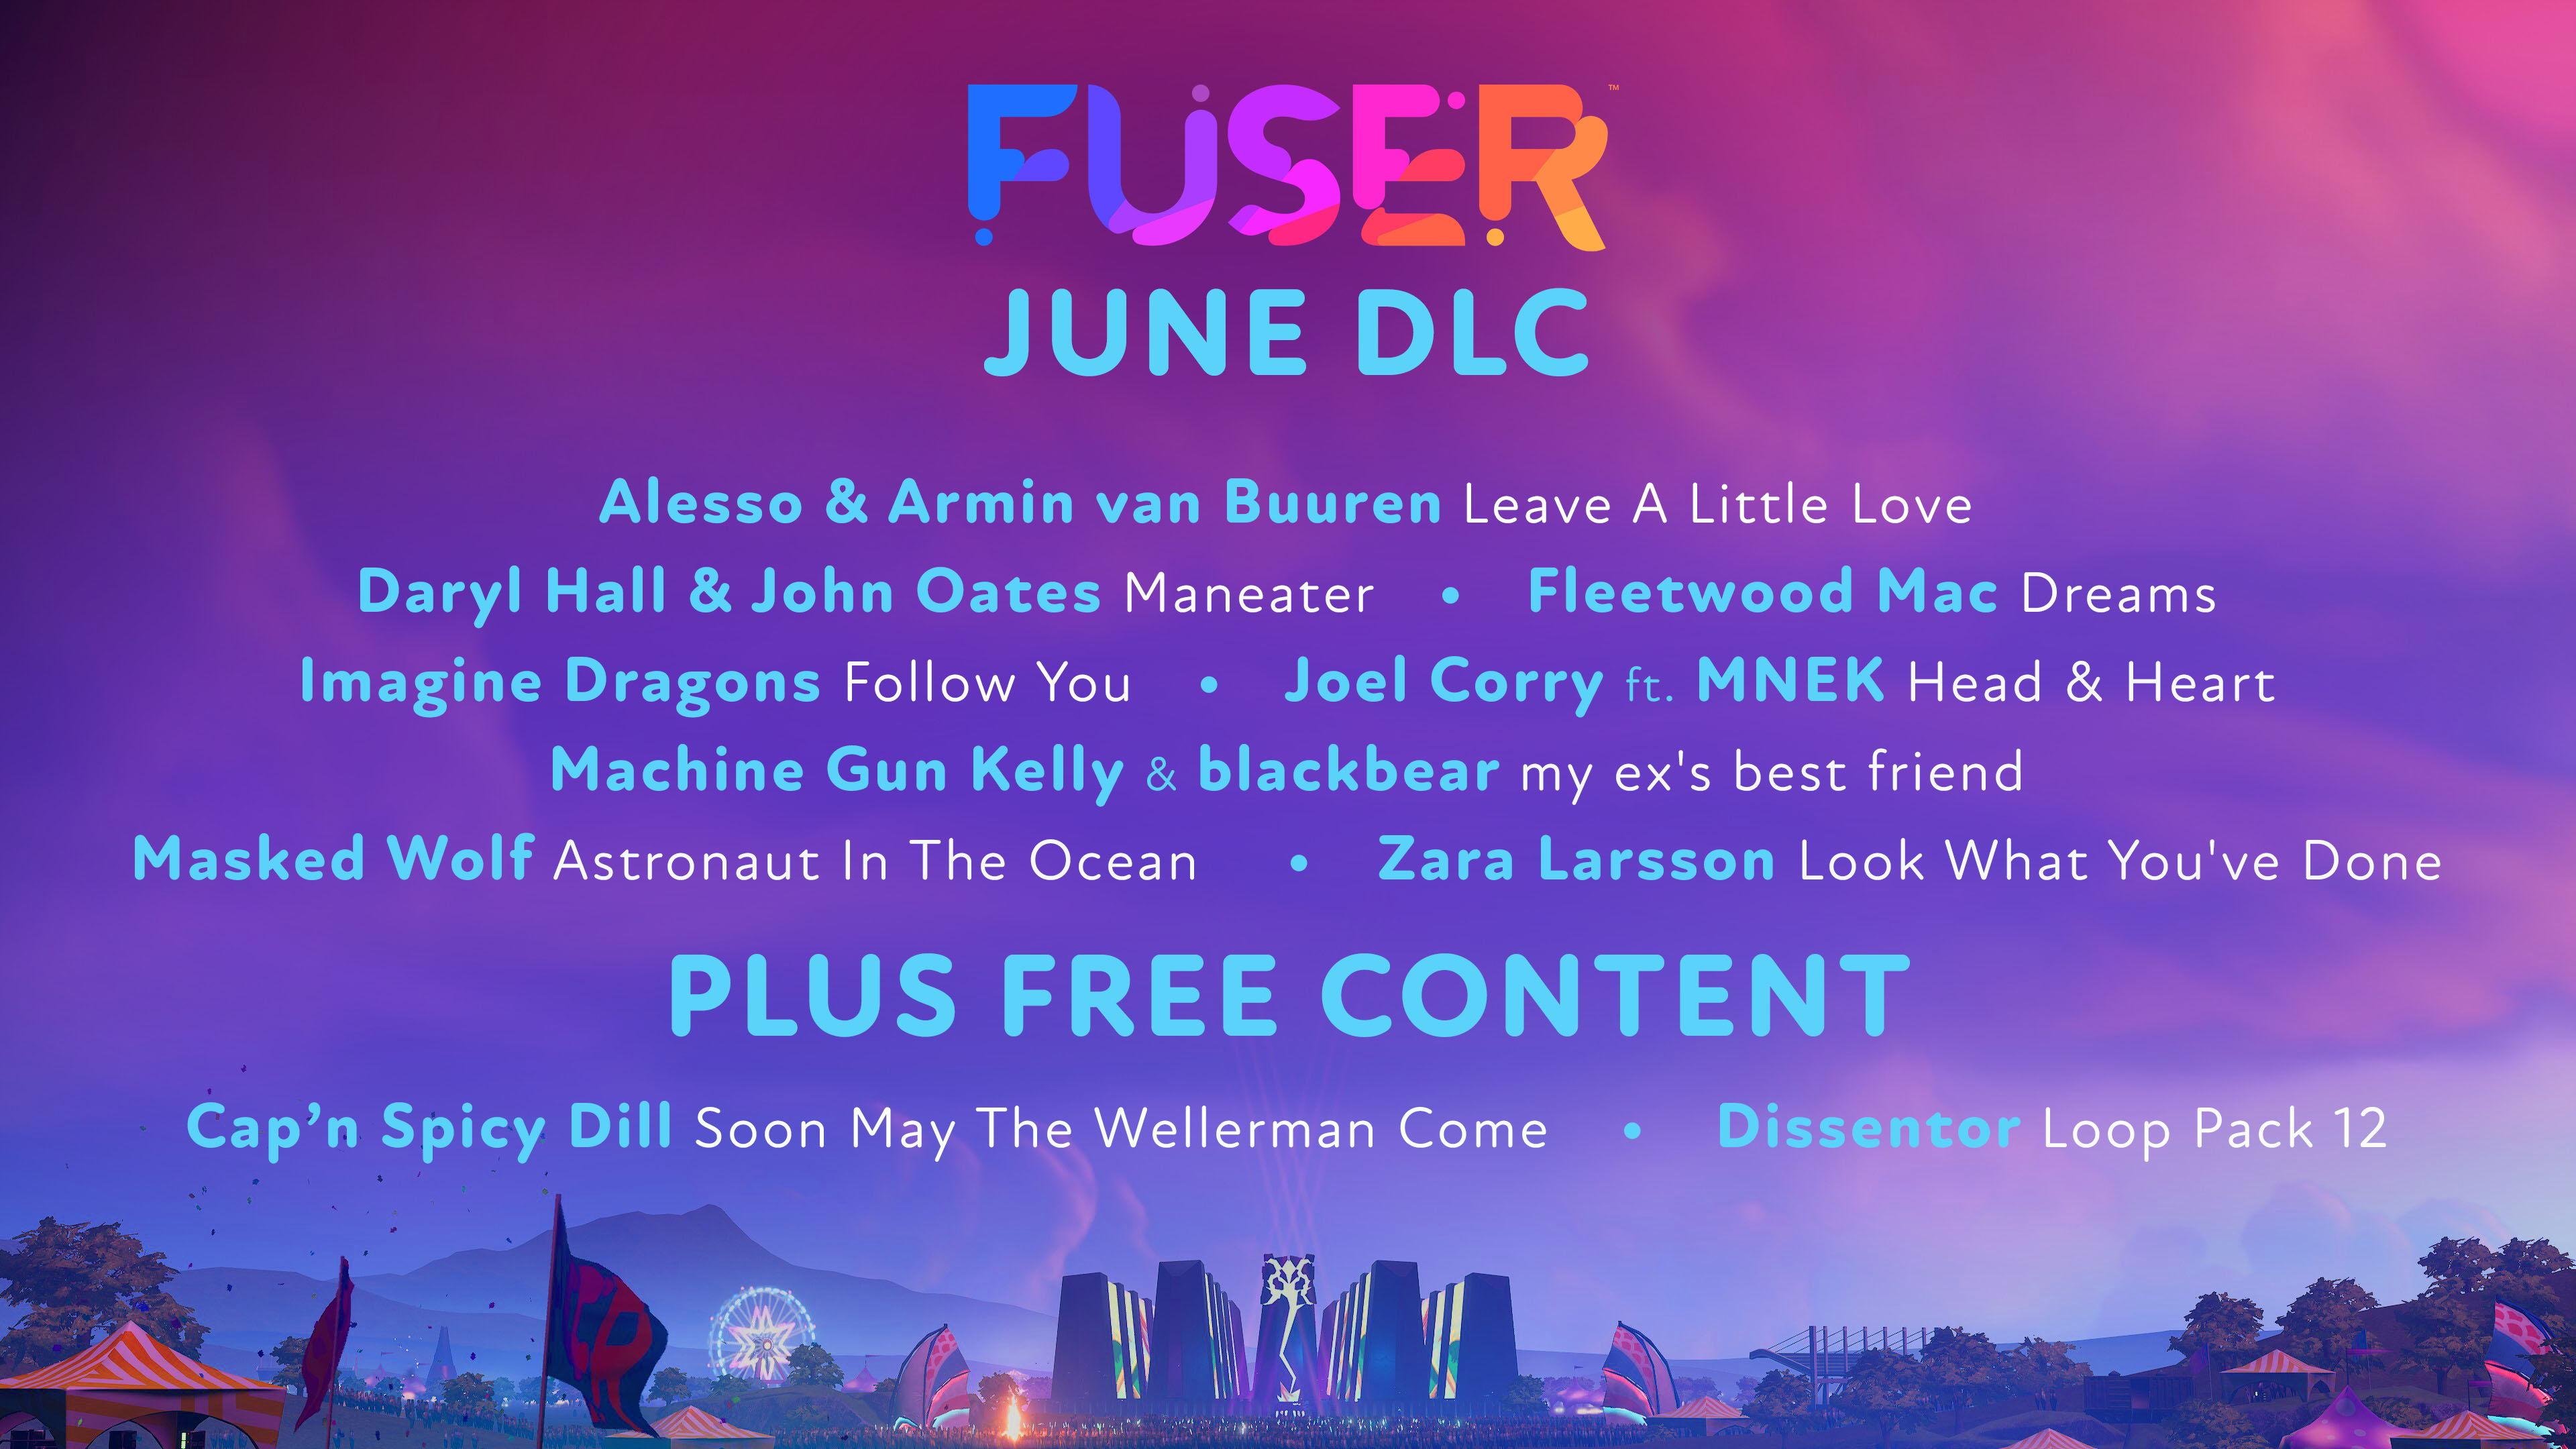 Neuf nouvelles chansons viennent étayer le catalogue de FUSER au mois de juin, accompagnées d'une boucle mélodique pour le moins énergique : le Dissentor Loop Pack.